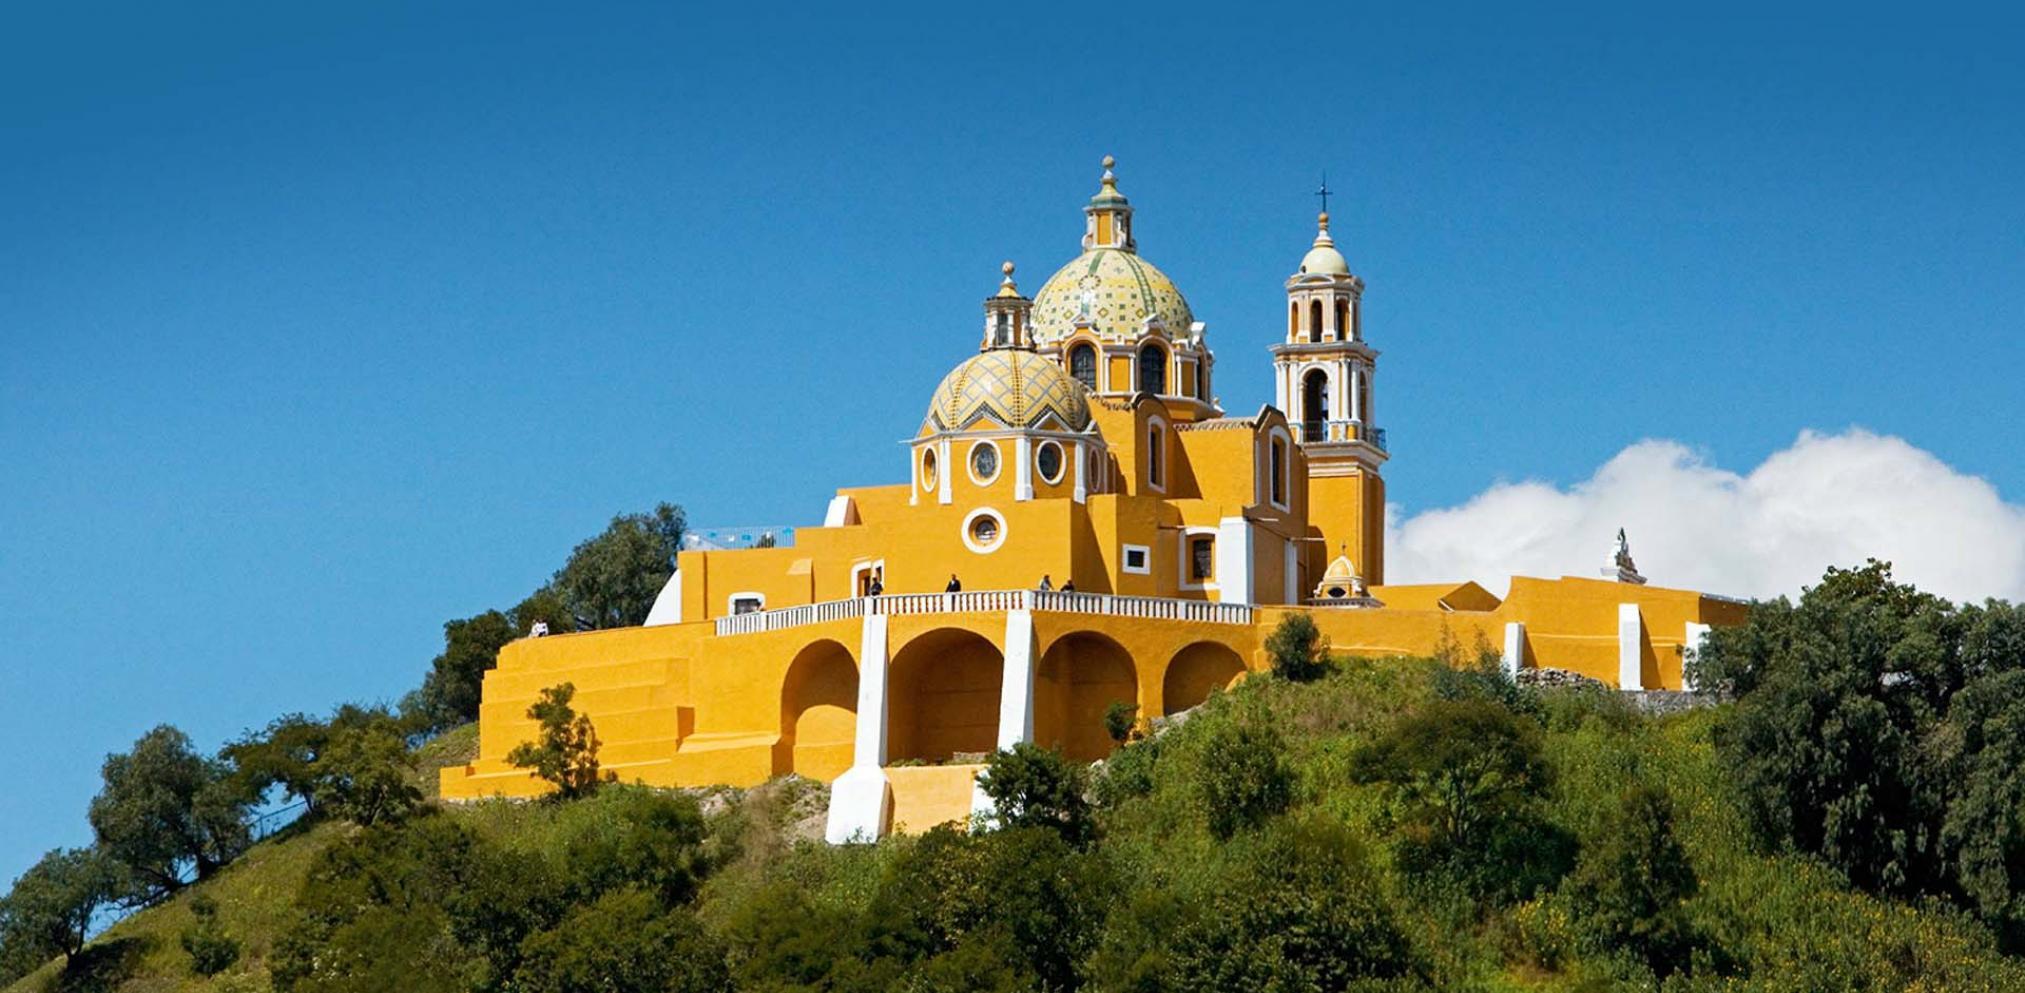 Contribution of Ayuntamiento de Puebla